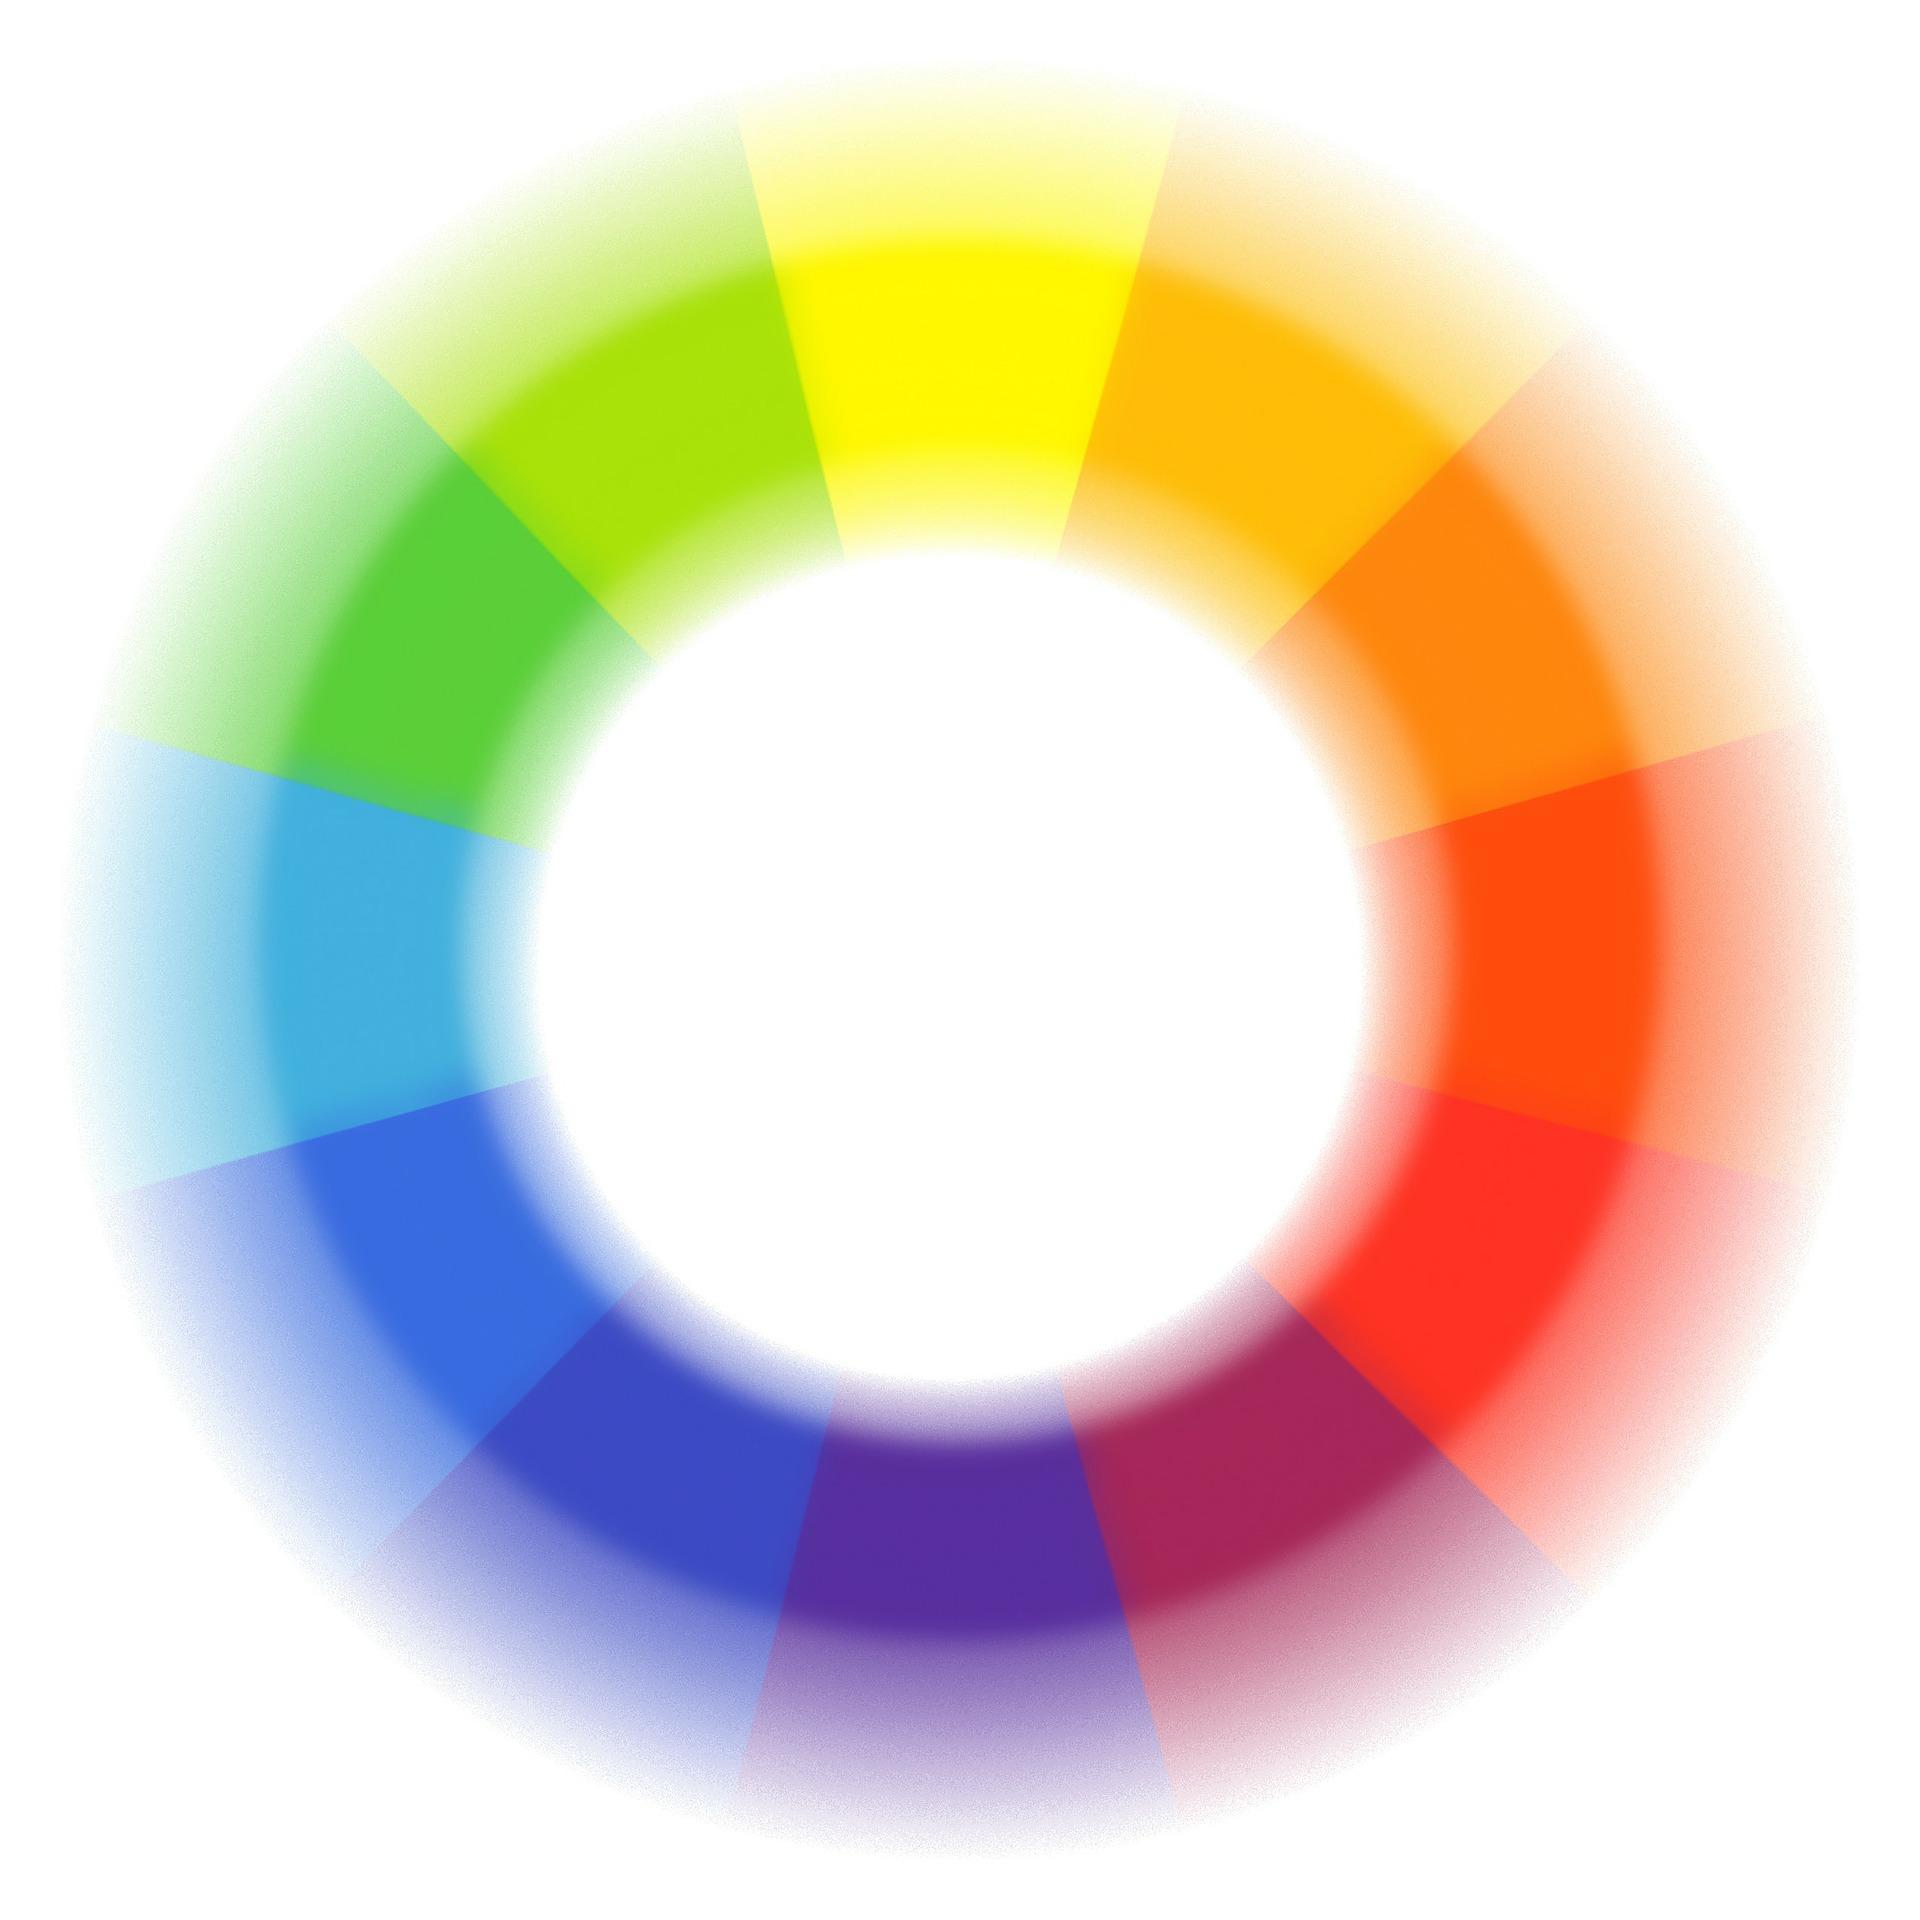 acrylfarben mischen latest frisch wandfarben tabelle welche farben passen zusammen die. Black Bedroom Furniture Sets. Home Design Ideas